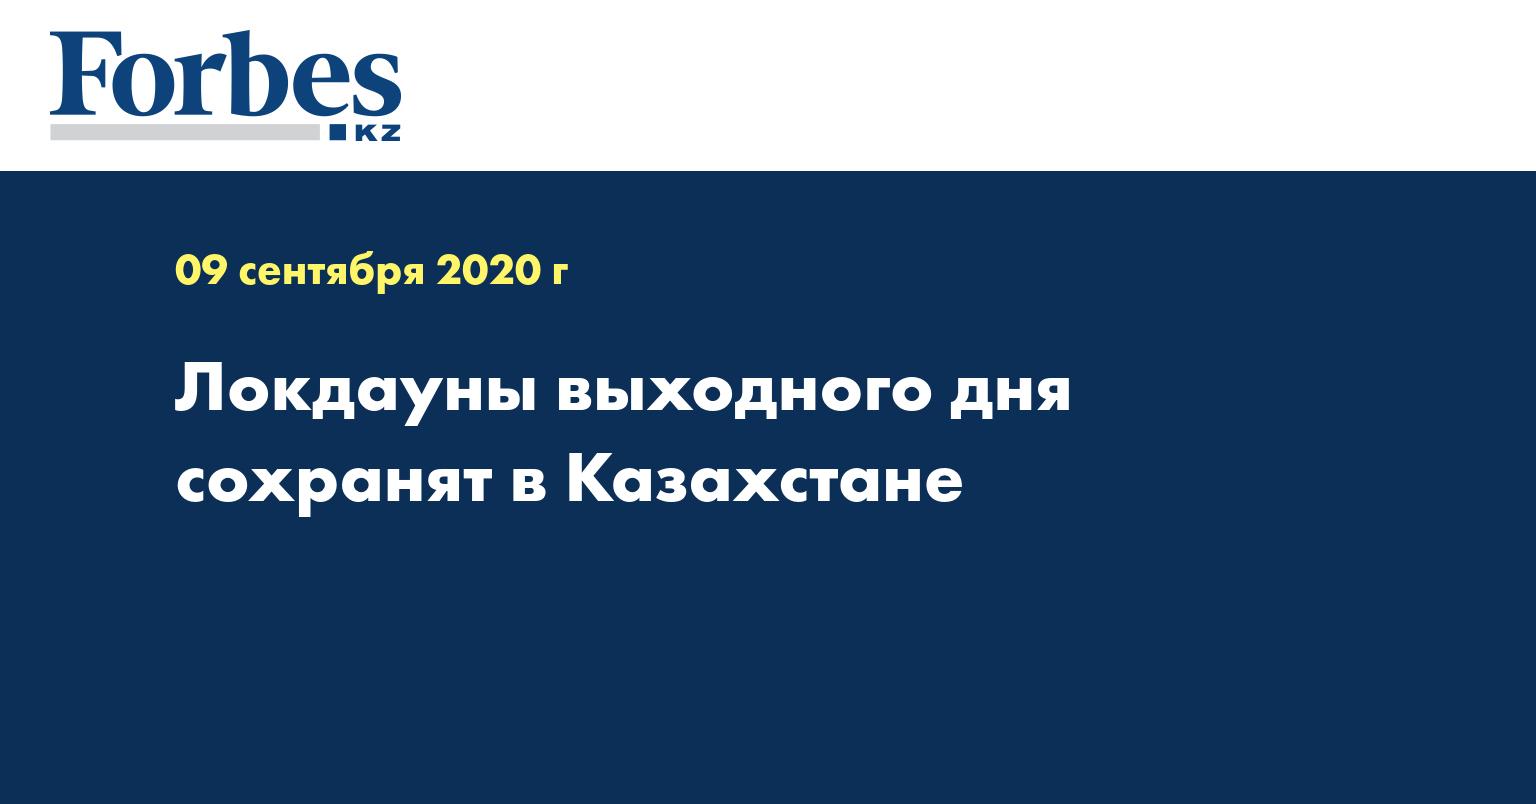 Локдауны выходного дня сохранят в Казахстане